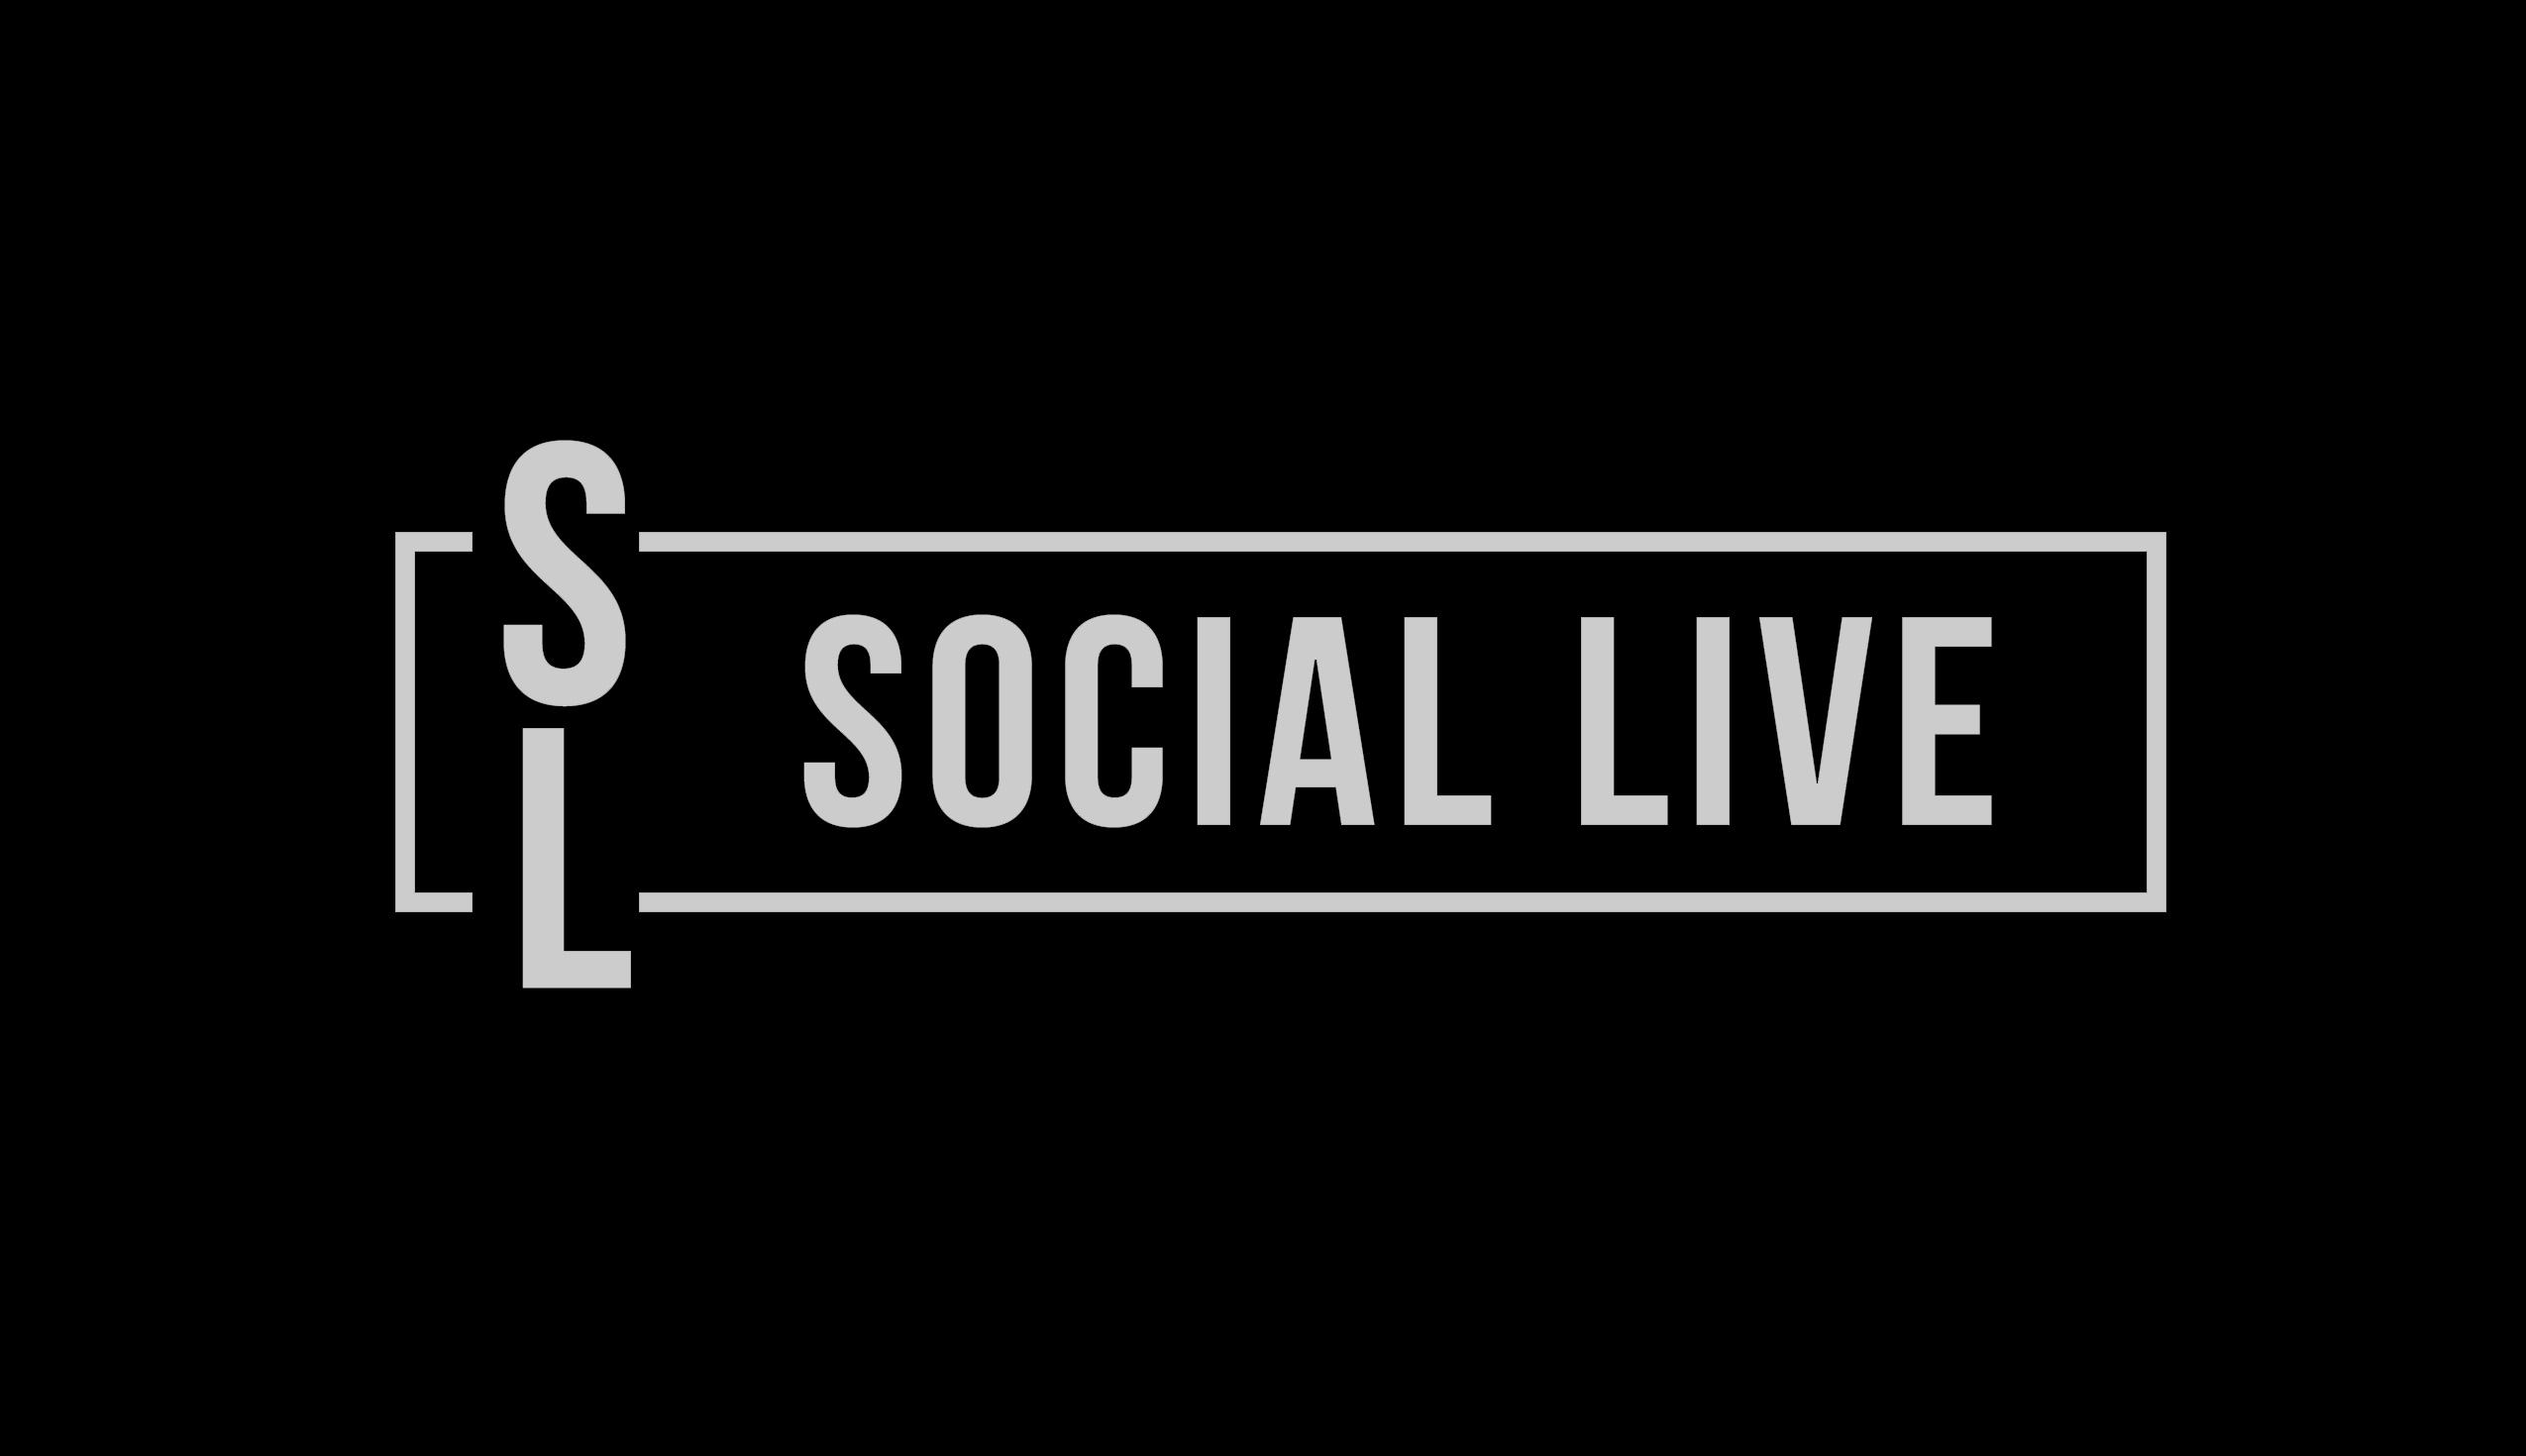 social live